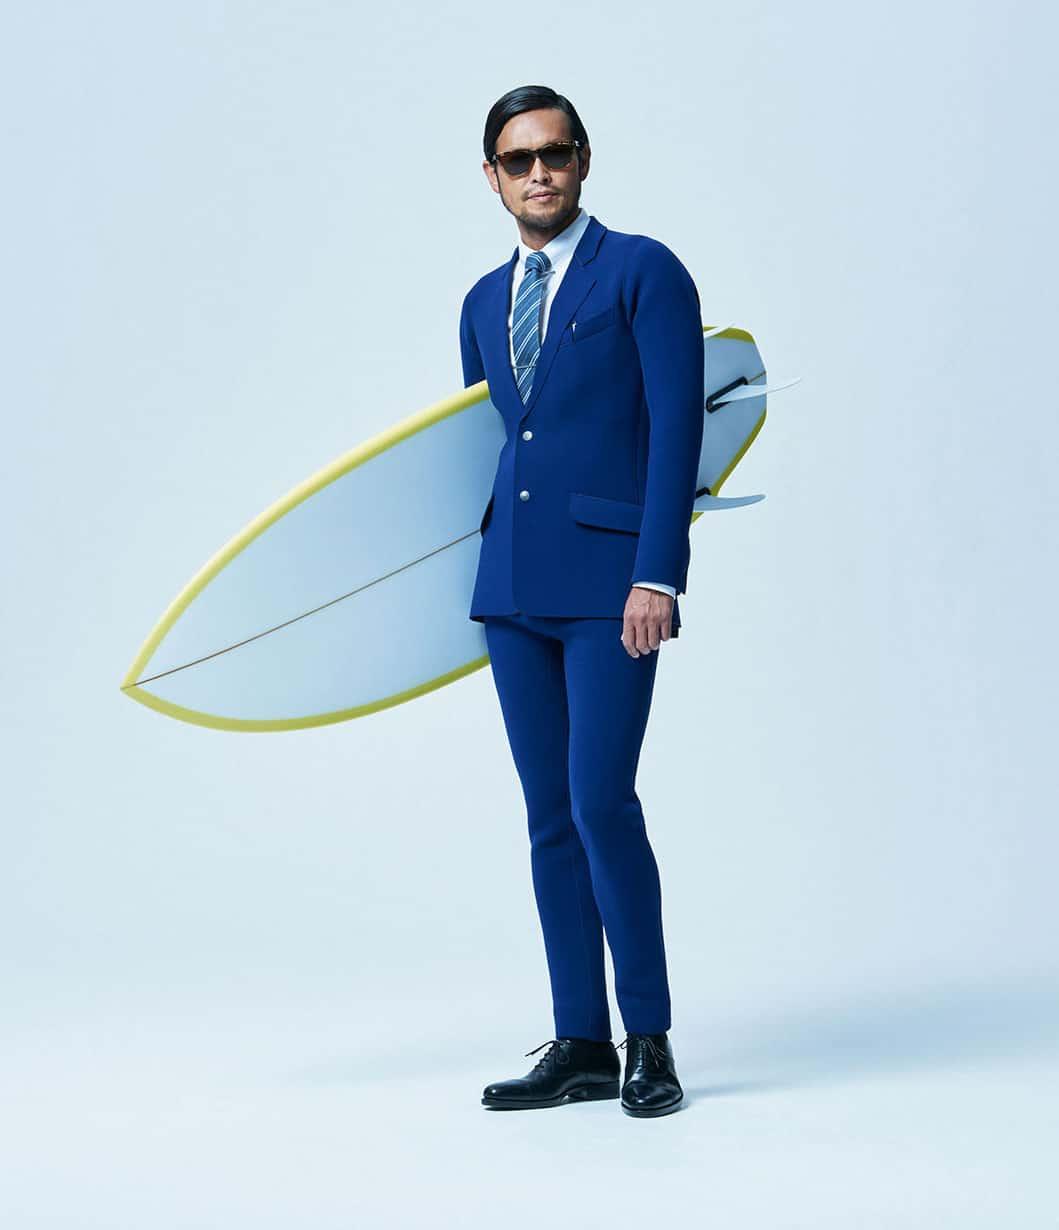 Quiksilver-True-Wetsuit-Boyfriend-Gift-Idea